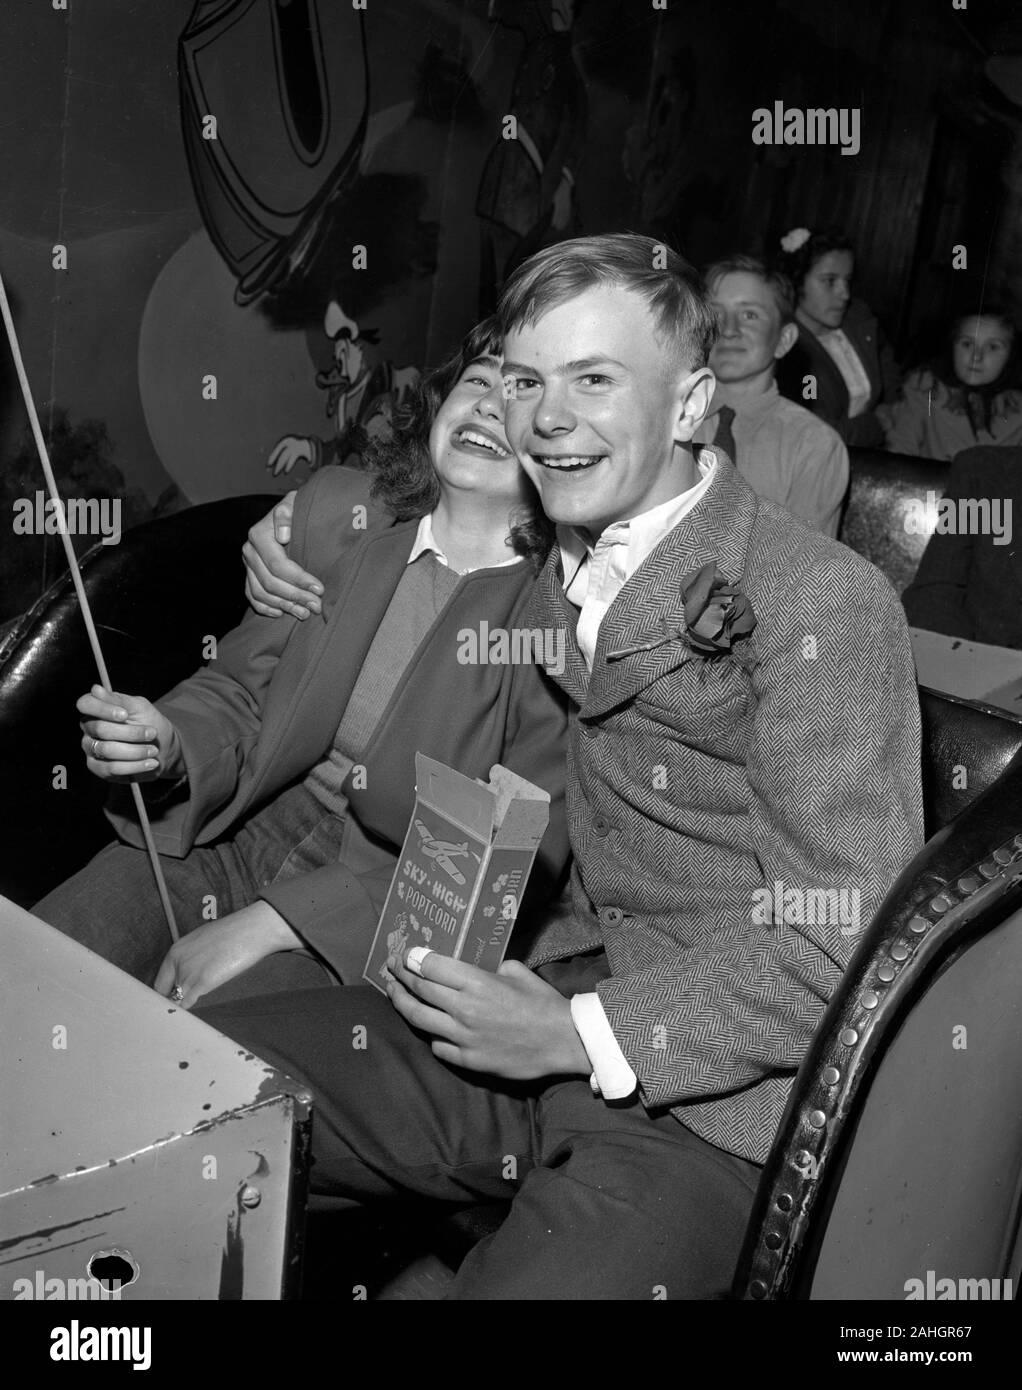 Les adolescents sur une date, sur un fun-carnival ride maison au Minnesota, autour de 1946 Banque D'Images